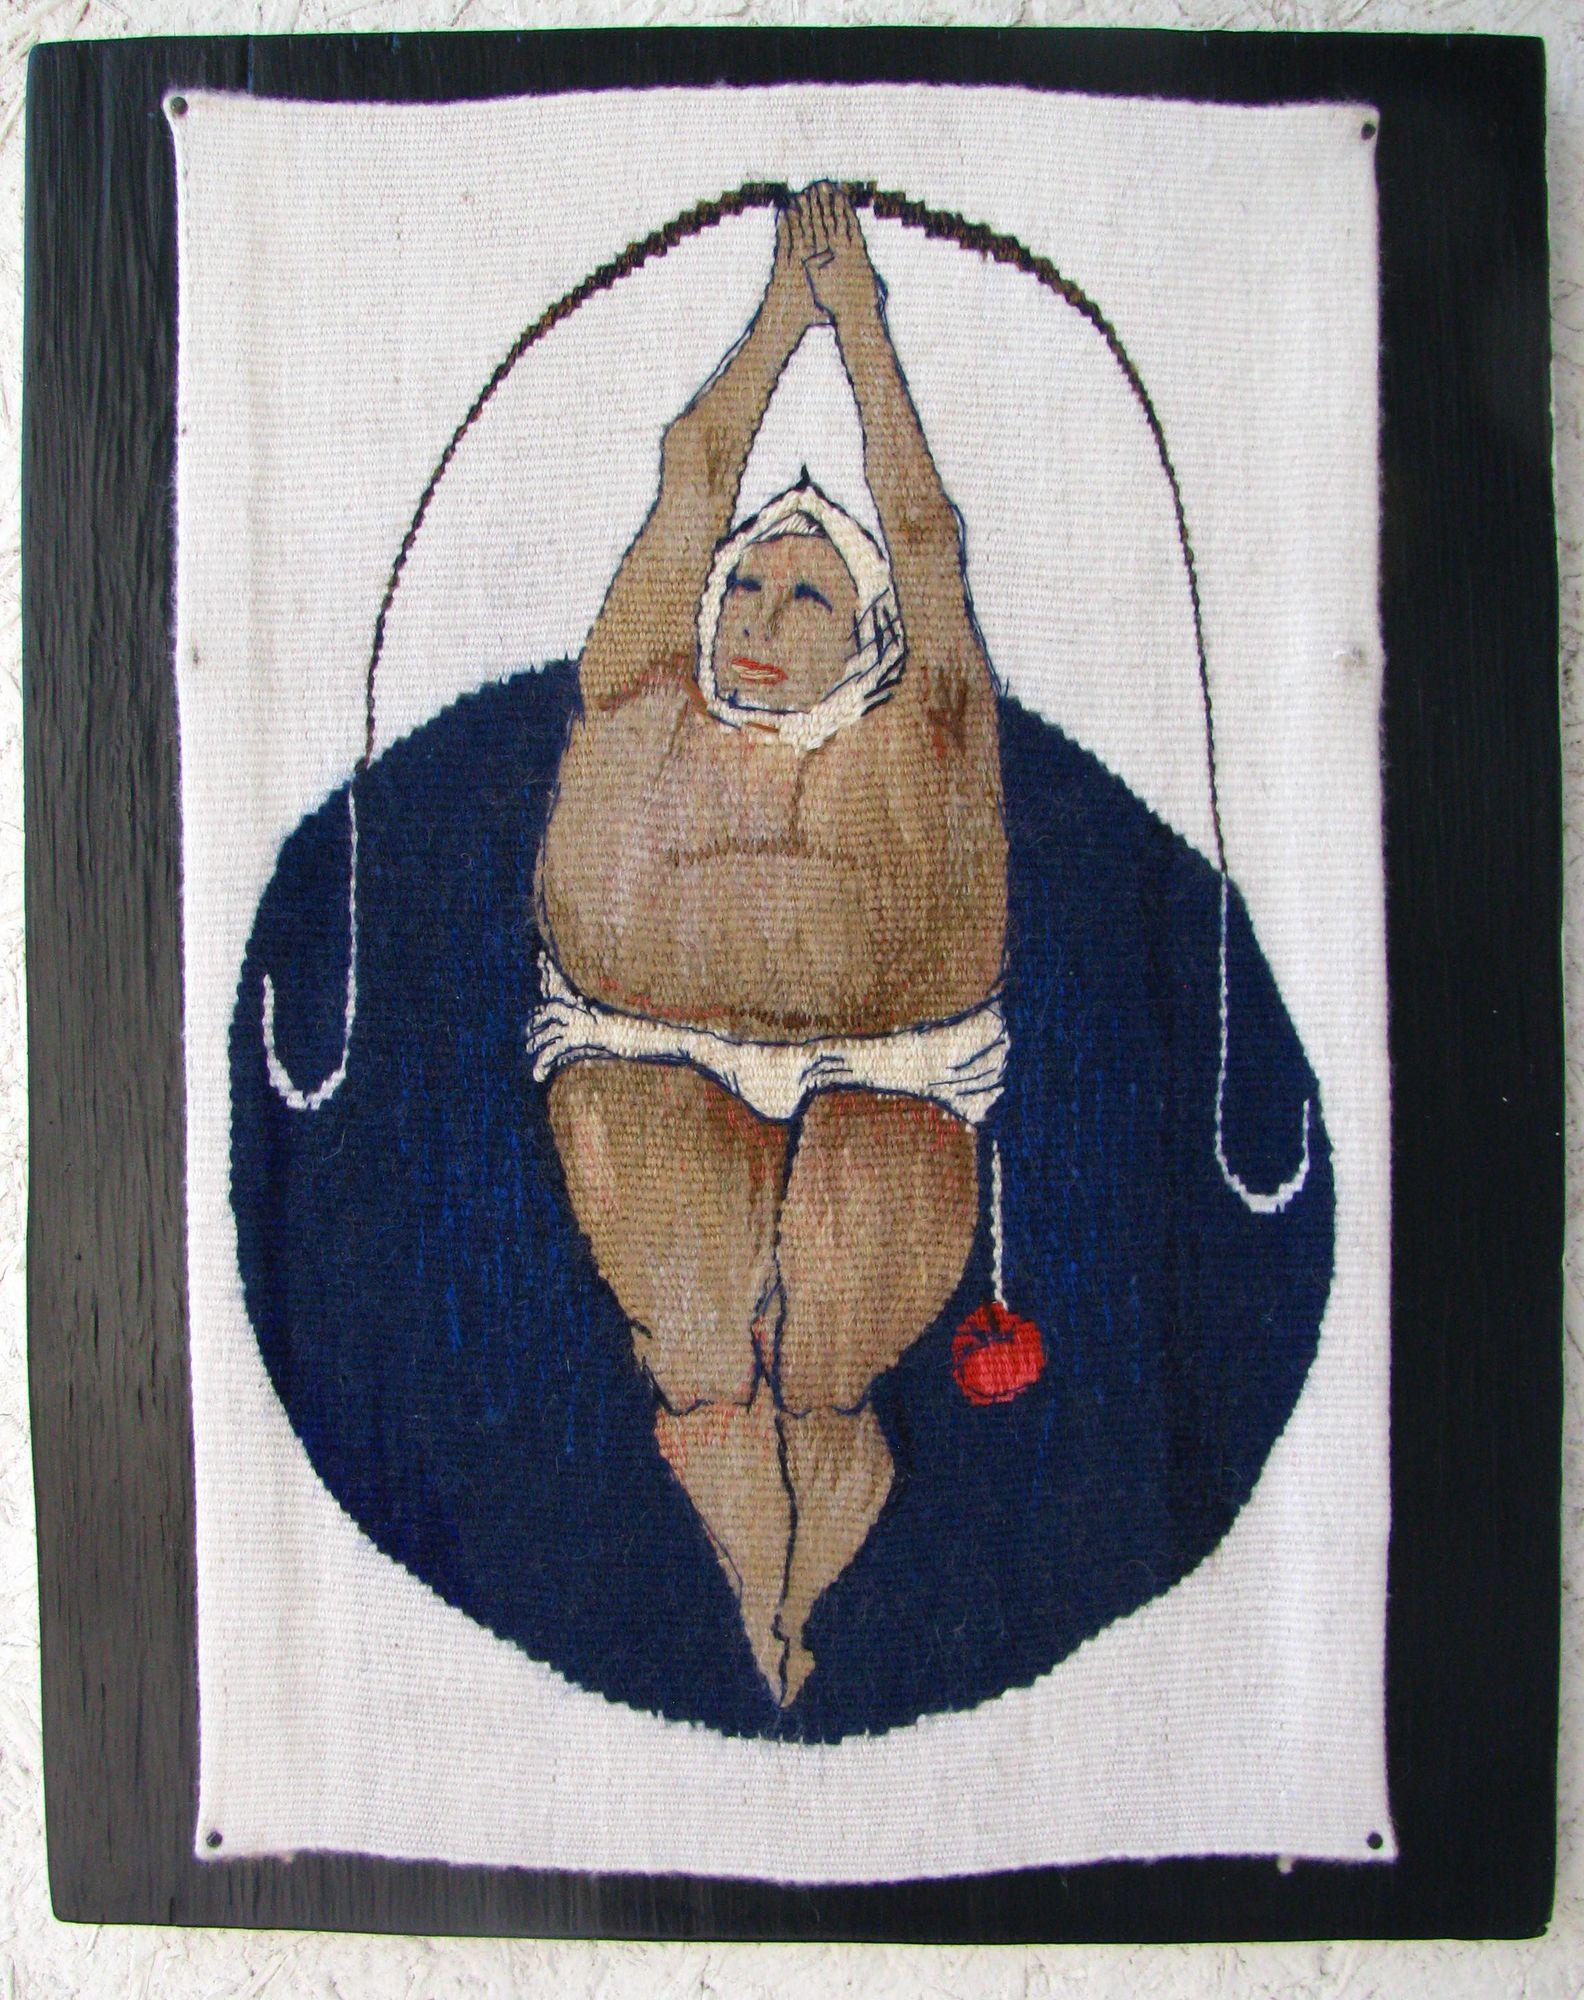 Ксенія Гопко. Повисла, 2013-14; гобелен, 18х22 см